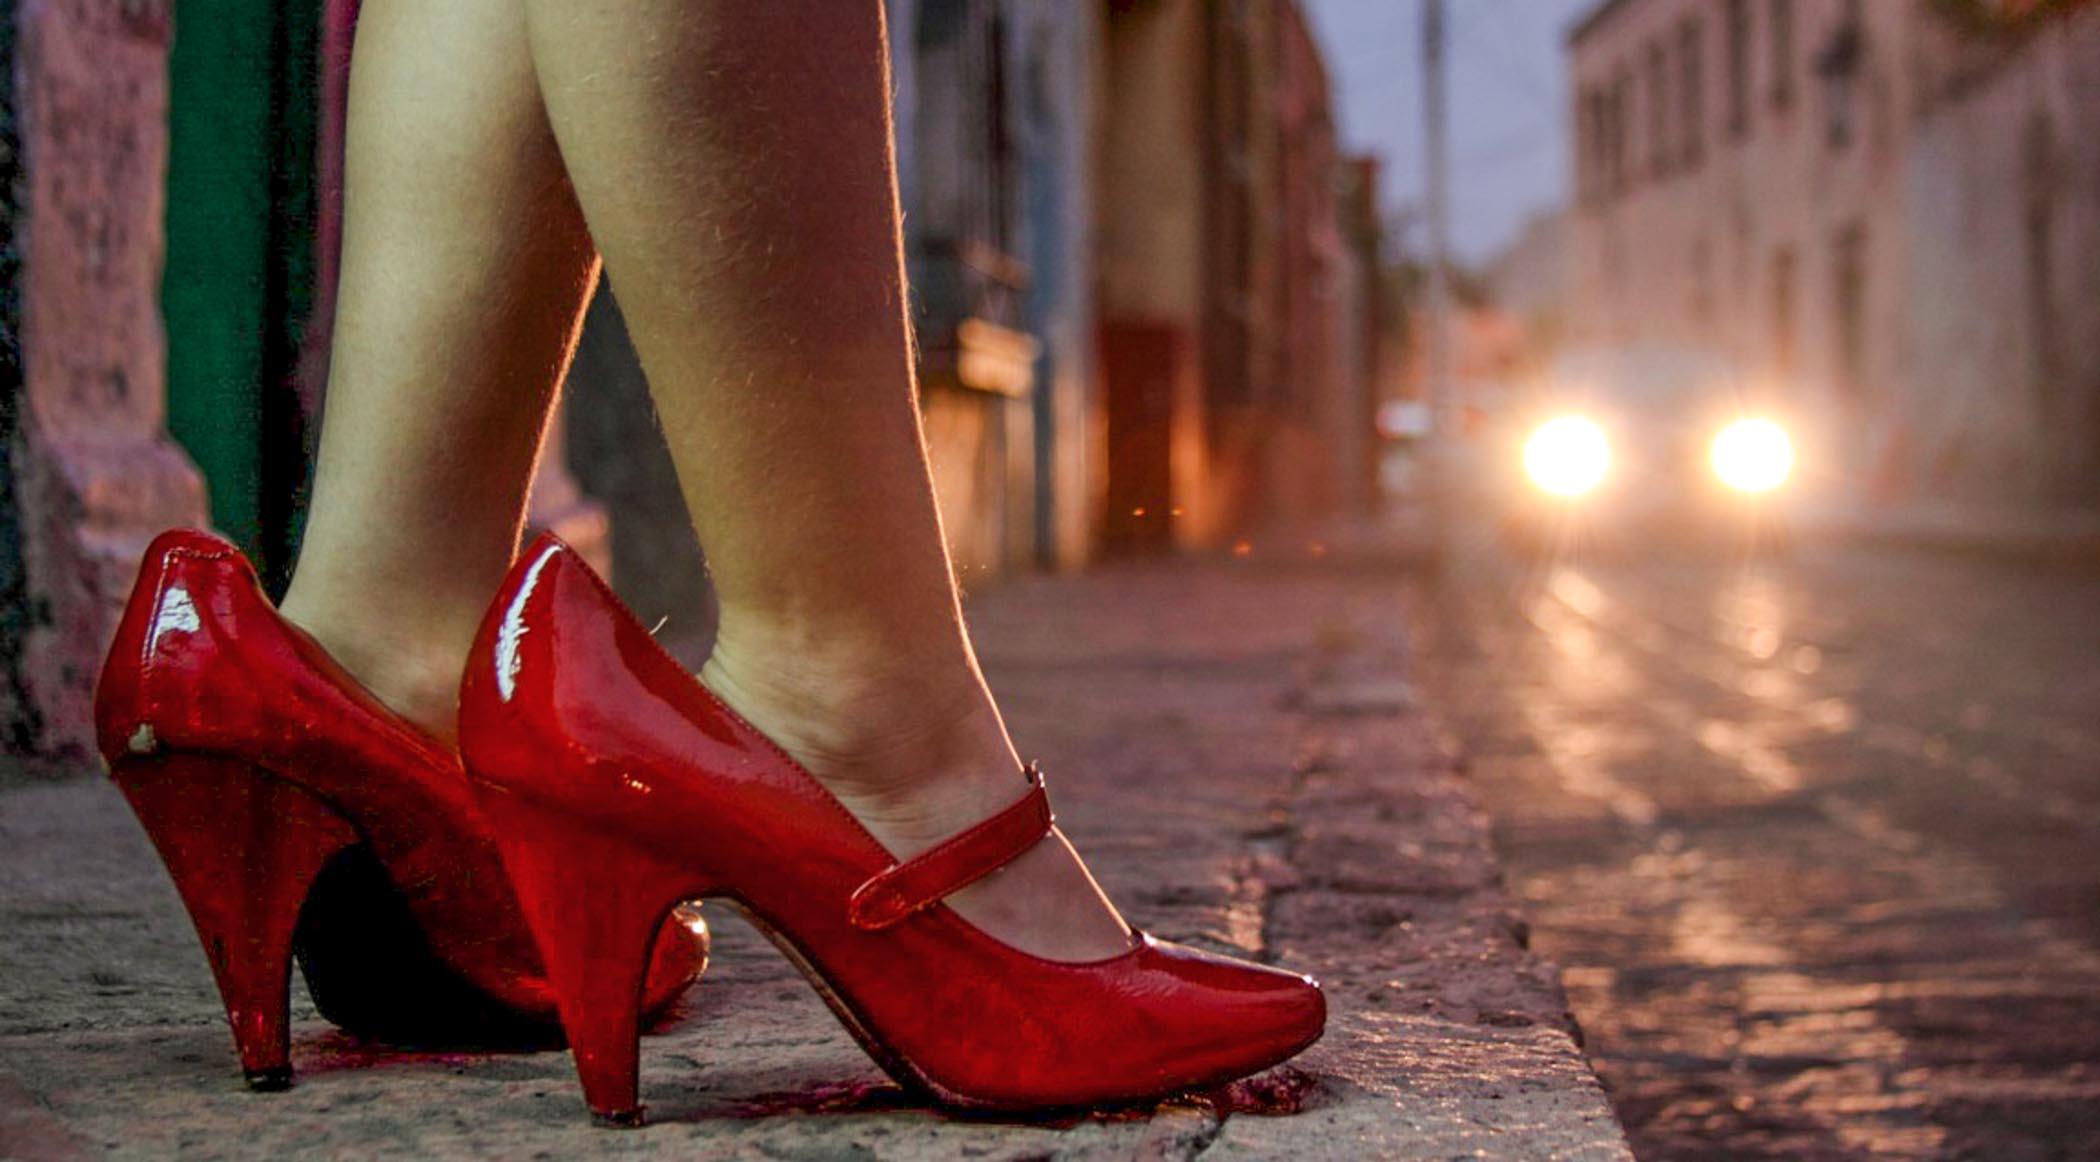 explotacion de prostitutas mujeres prostitutas